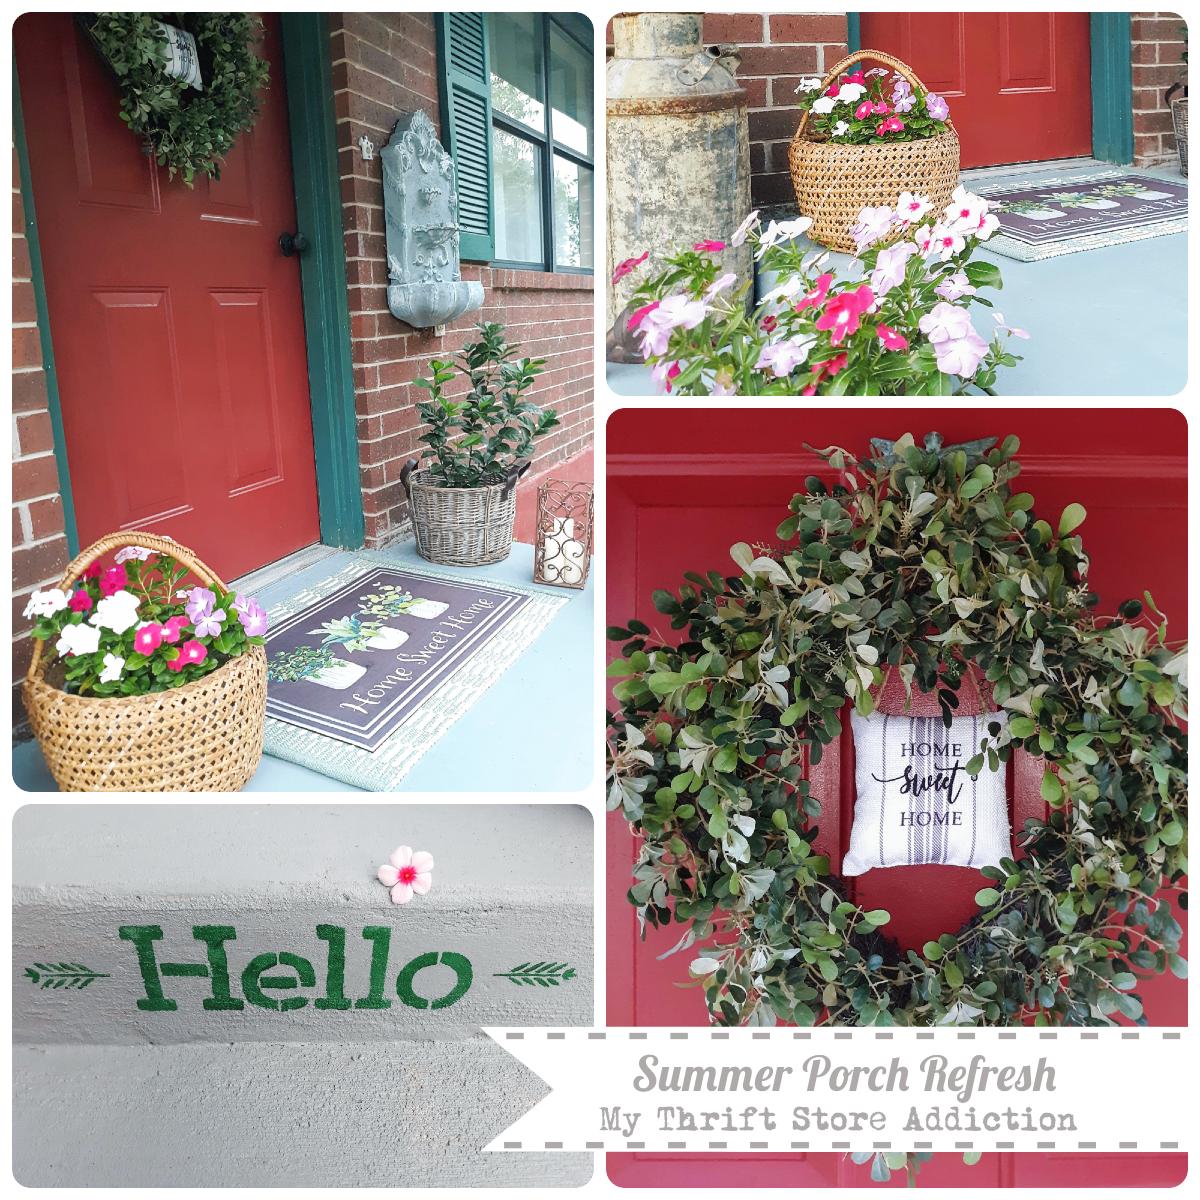 Summer porch refresh